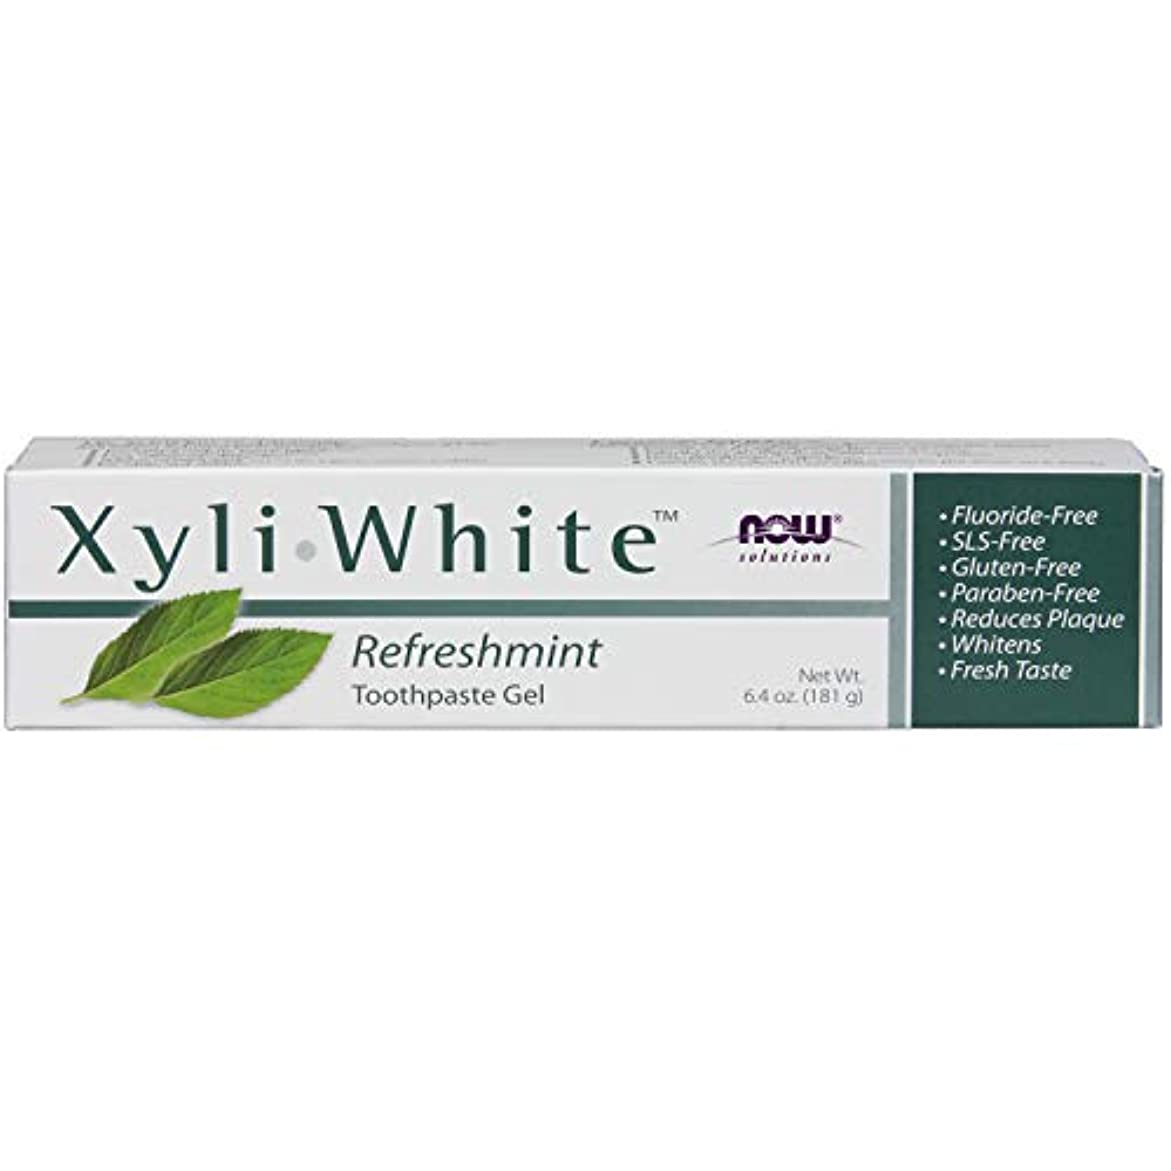 咳交流する家庭[海外直送品] ナウフーズ キシリホワイト リフレッシュミント歯磨きジェル 181g